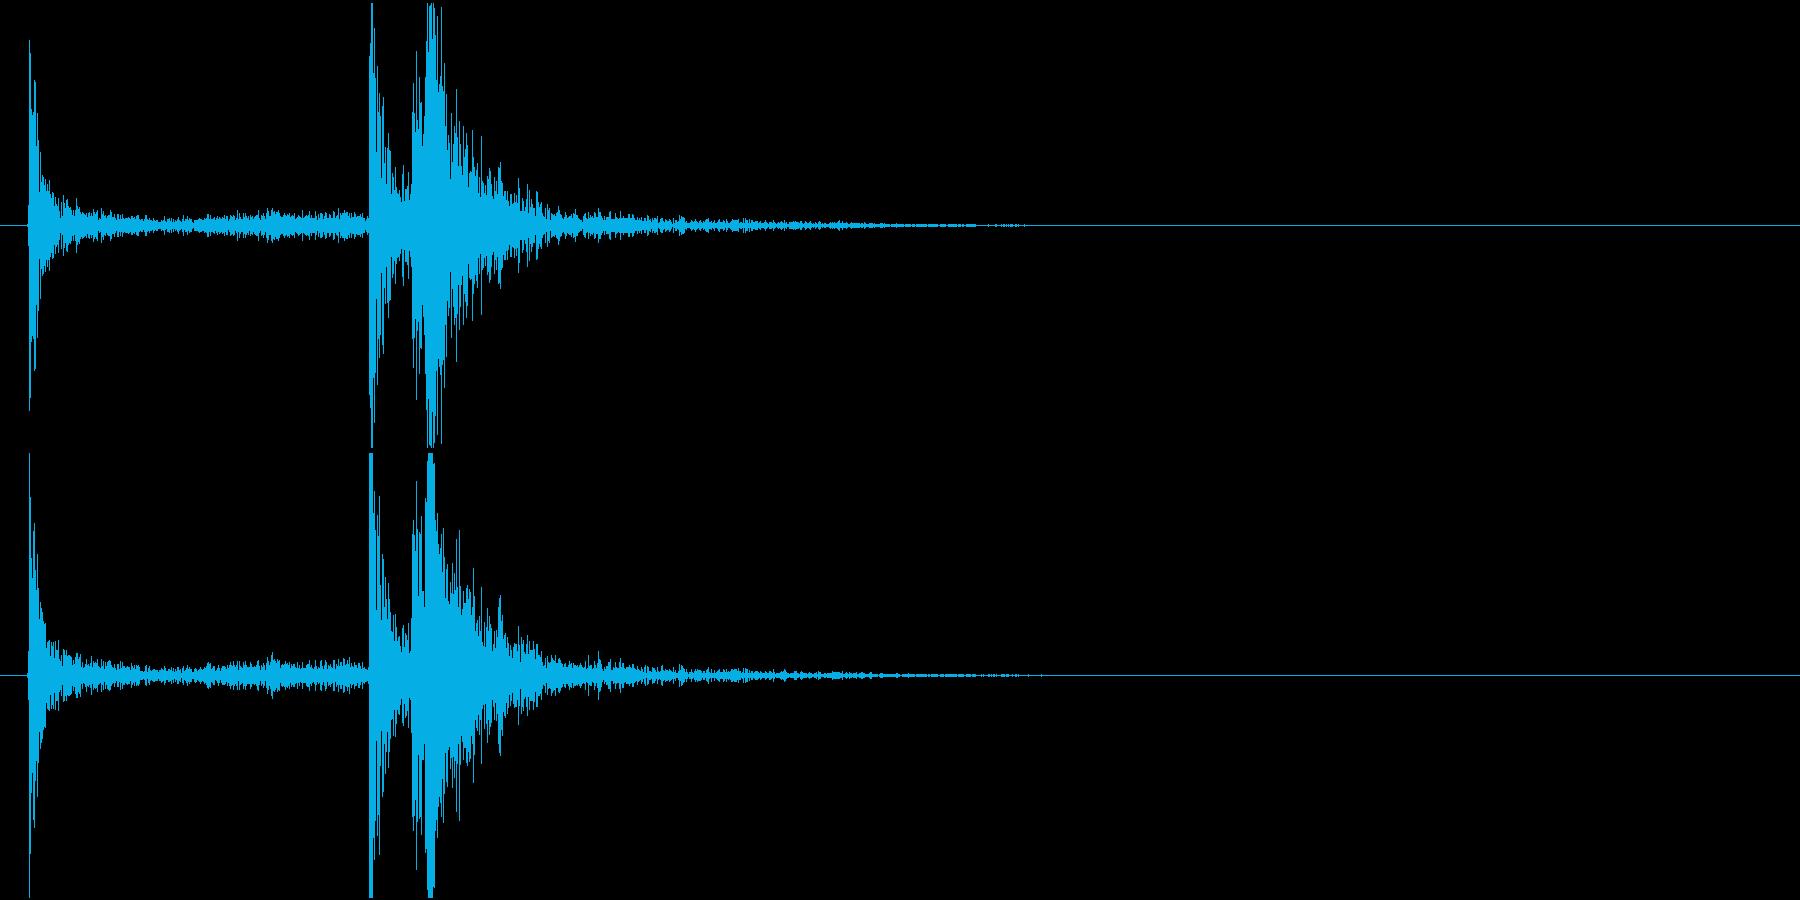 【生録音】 電子レンジを閉める音の再生済みの波形